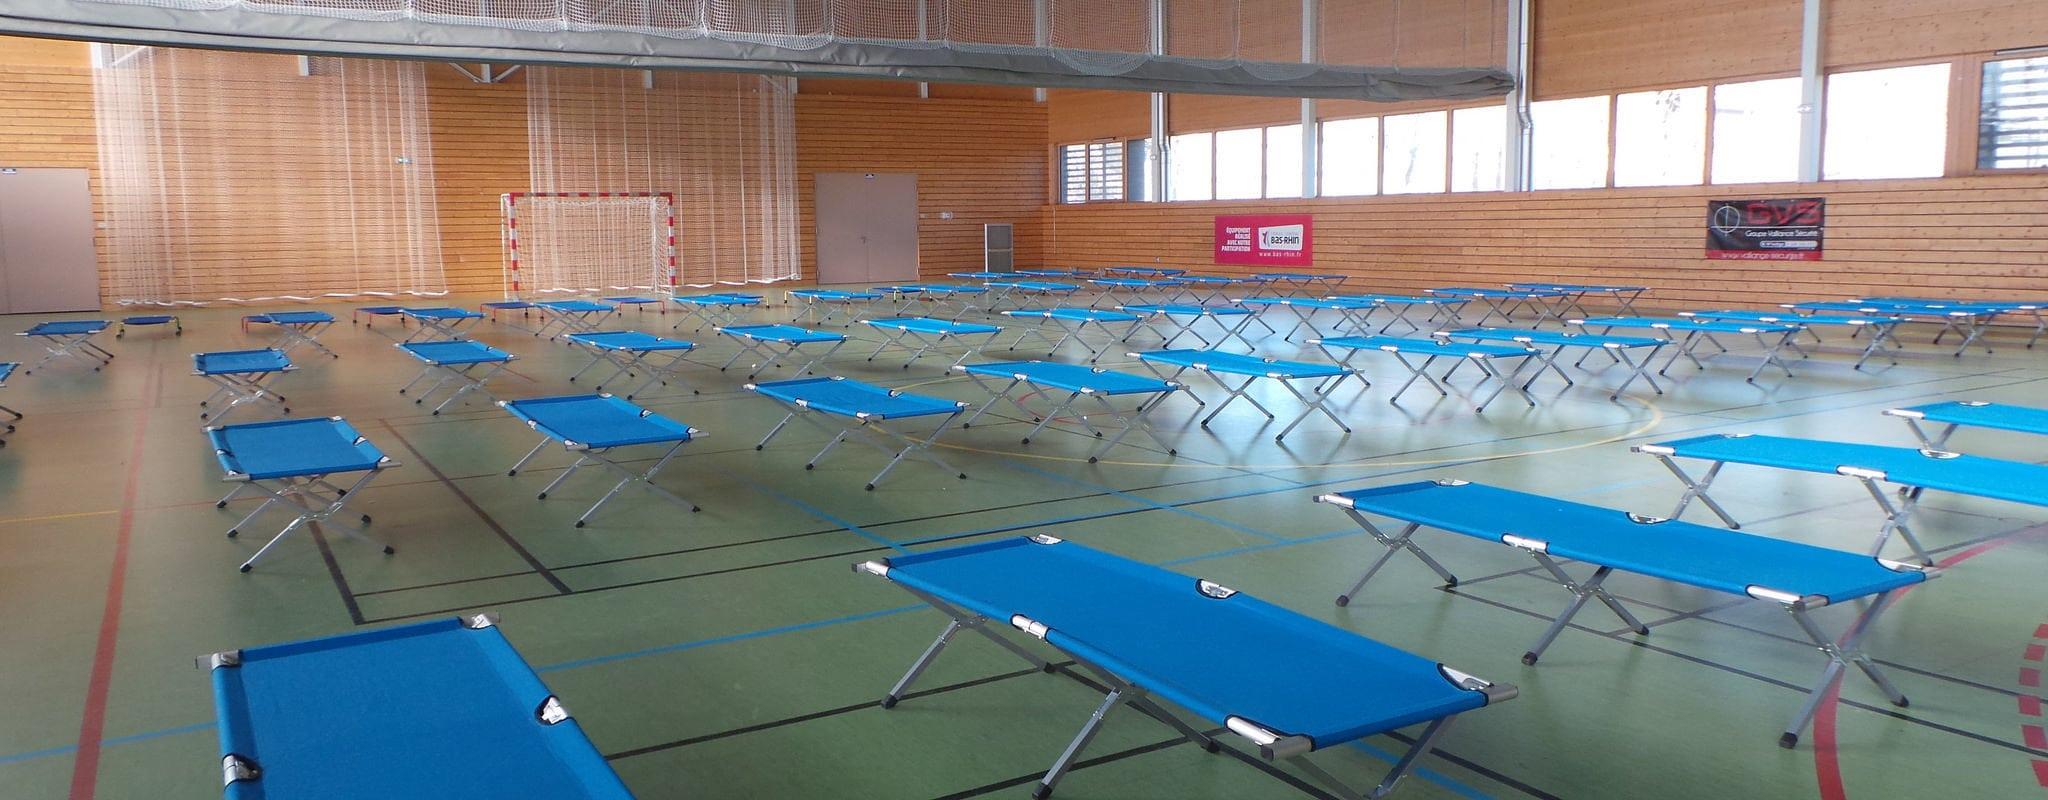 Un gymnase réquisitionné pour abriter les migrants